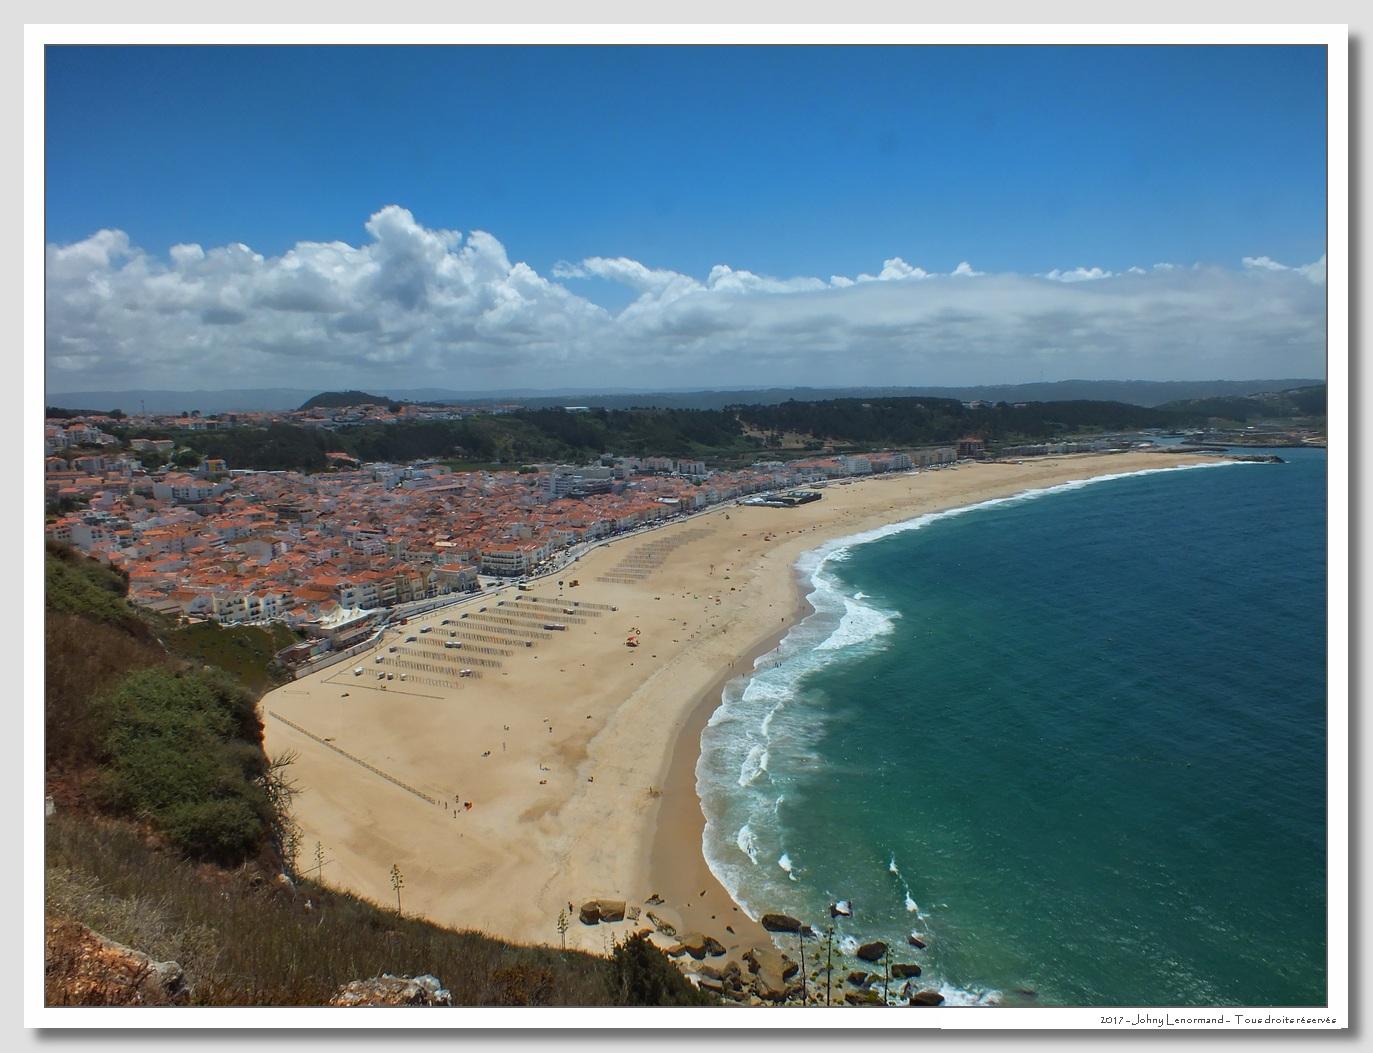 Voyage au Portugal: Nazaré